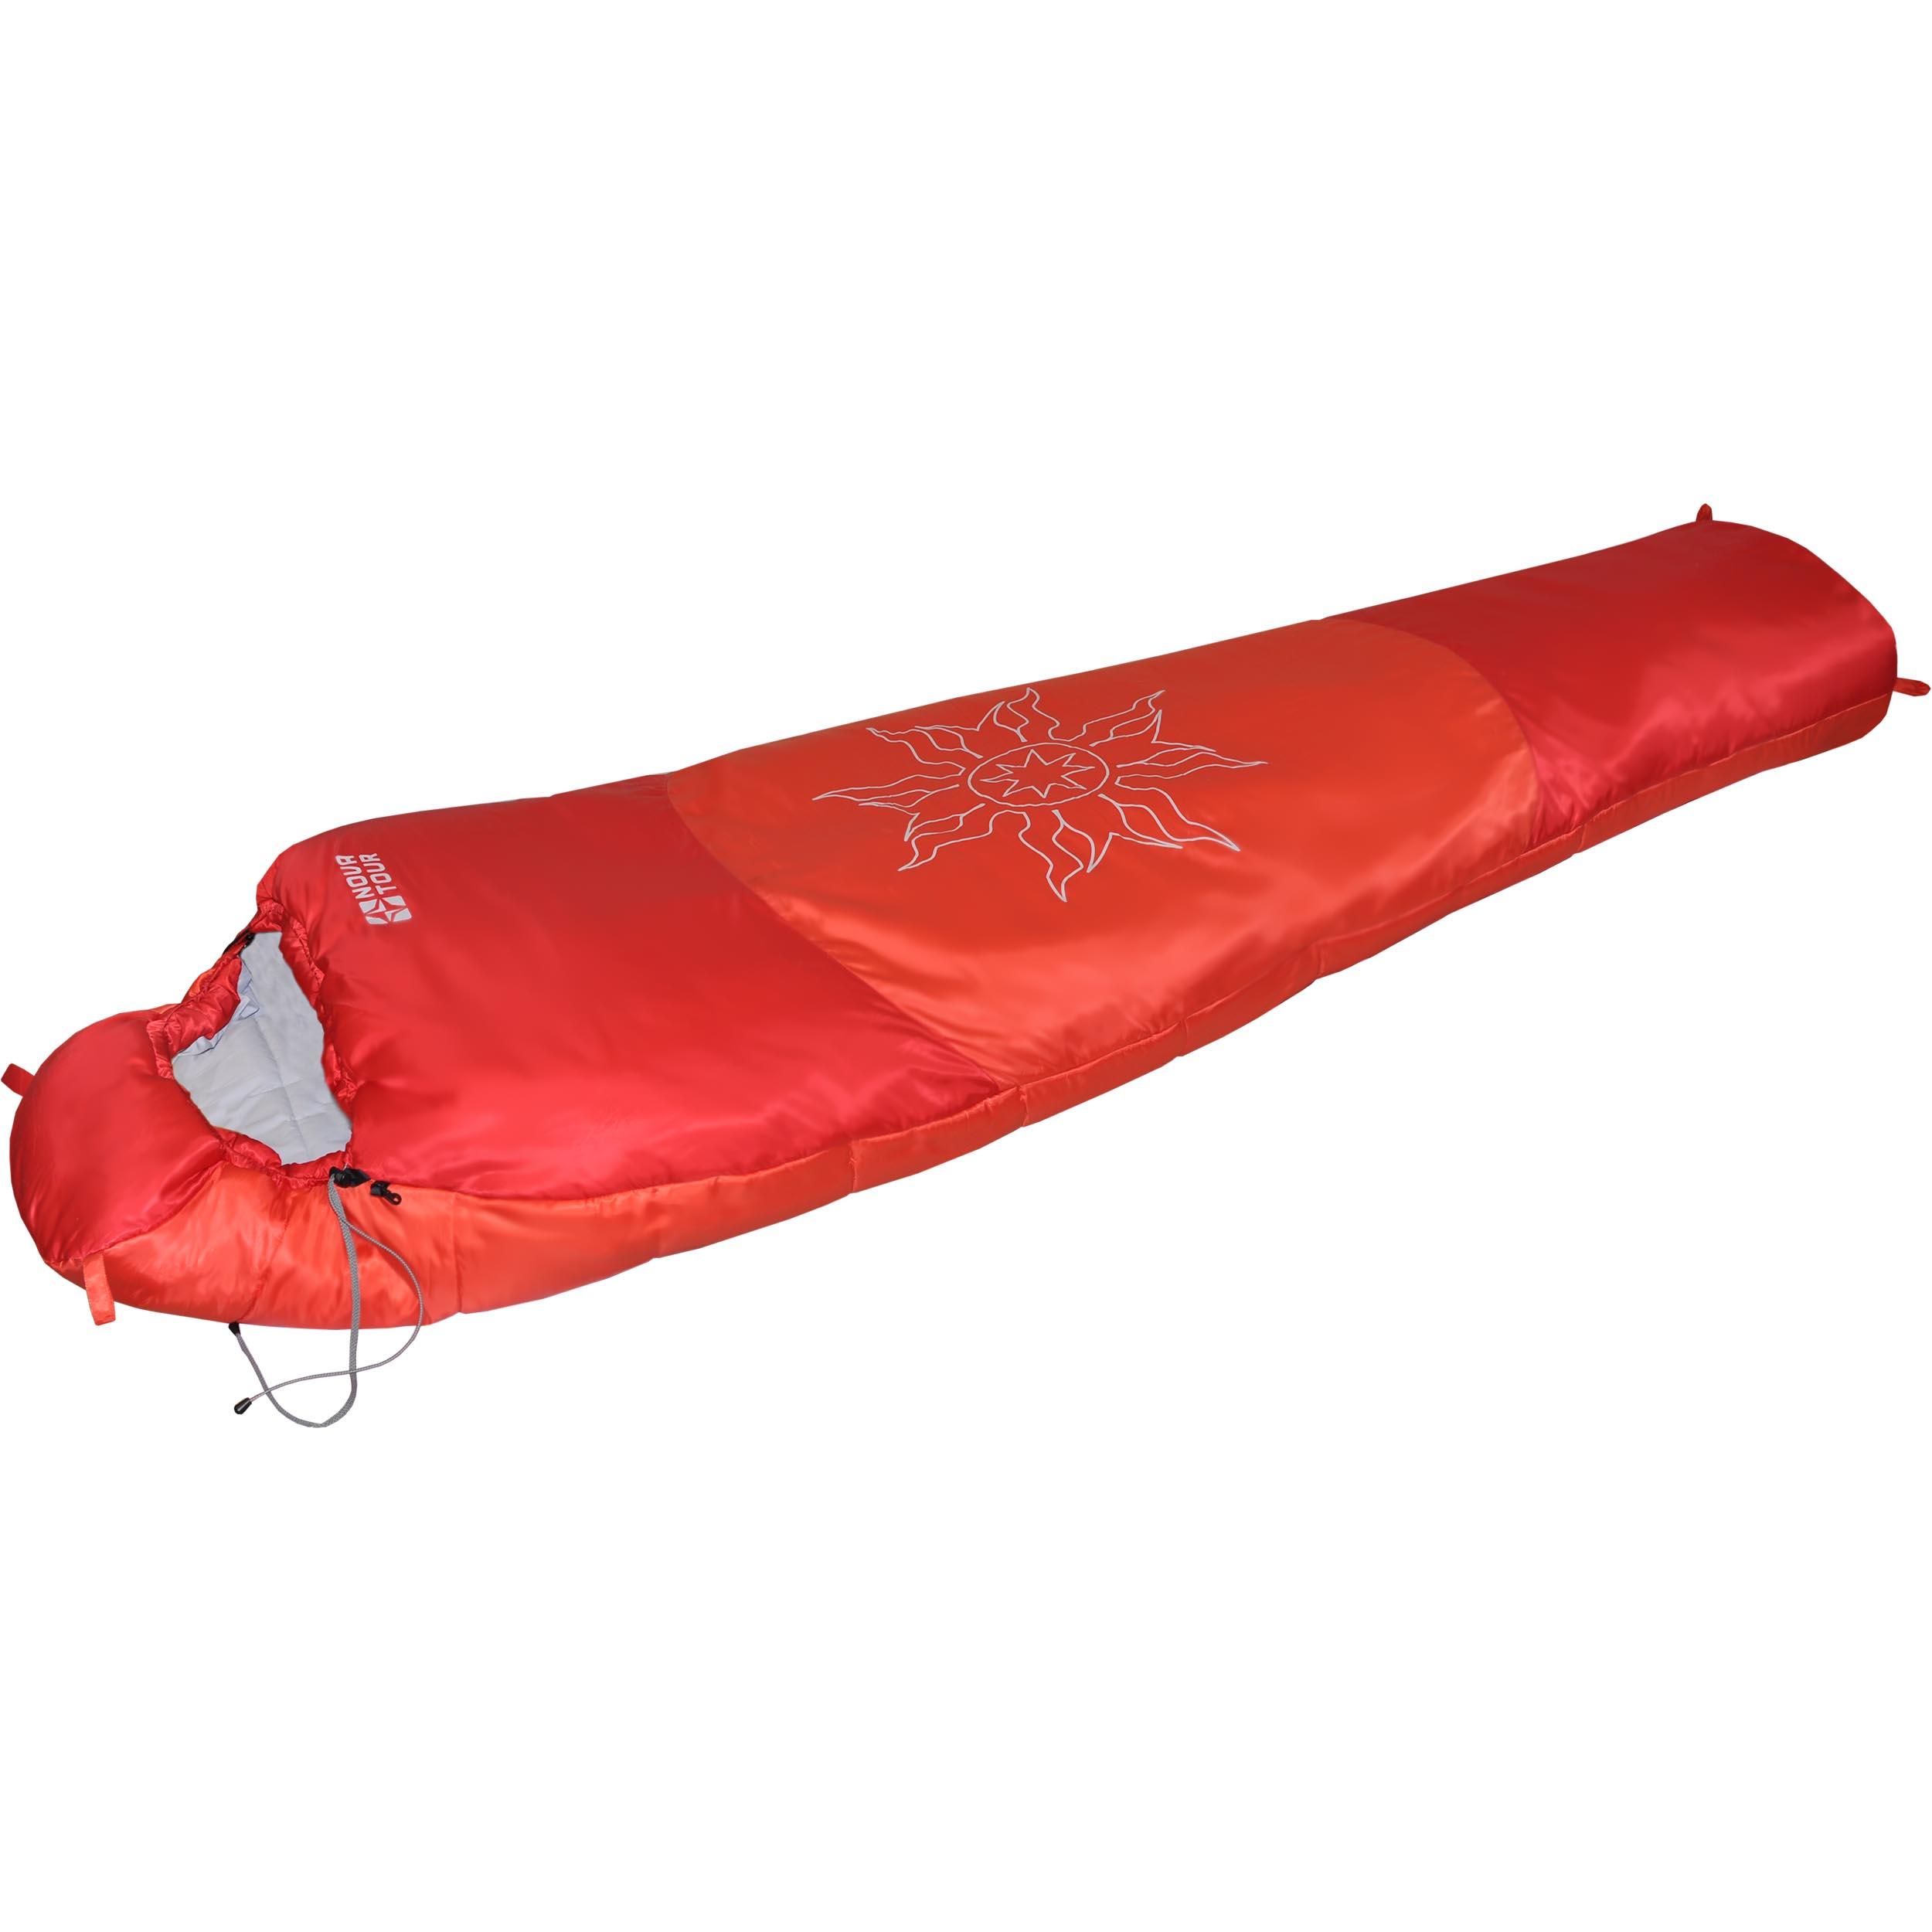 Спальный мешок Nova Tour Ямал -30 XL V2, цвет: красный, левосторонняя молния95420-001-LeftЗимний спальный мешок Nova Tour Ямал -30 XL V2 имеет конструкцию кокон. Он предназначен для использования при очень низких температурах. Утягивающийся капюшон и шейный воротник сохраняют тепло. Двухзамковая молния позволяет состегнуть два спальных мешка левого и правого исполнения в один двойной. Компрессионный мешок в комплекте.Длина мешка: 230 см.